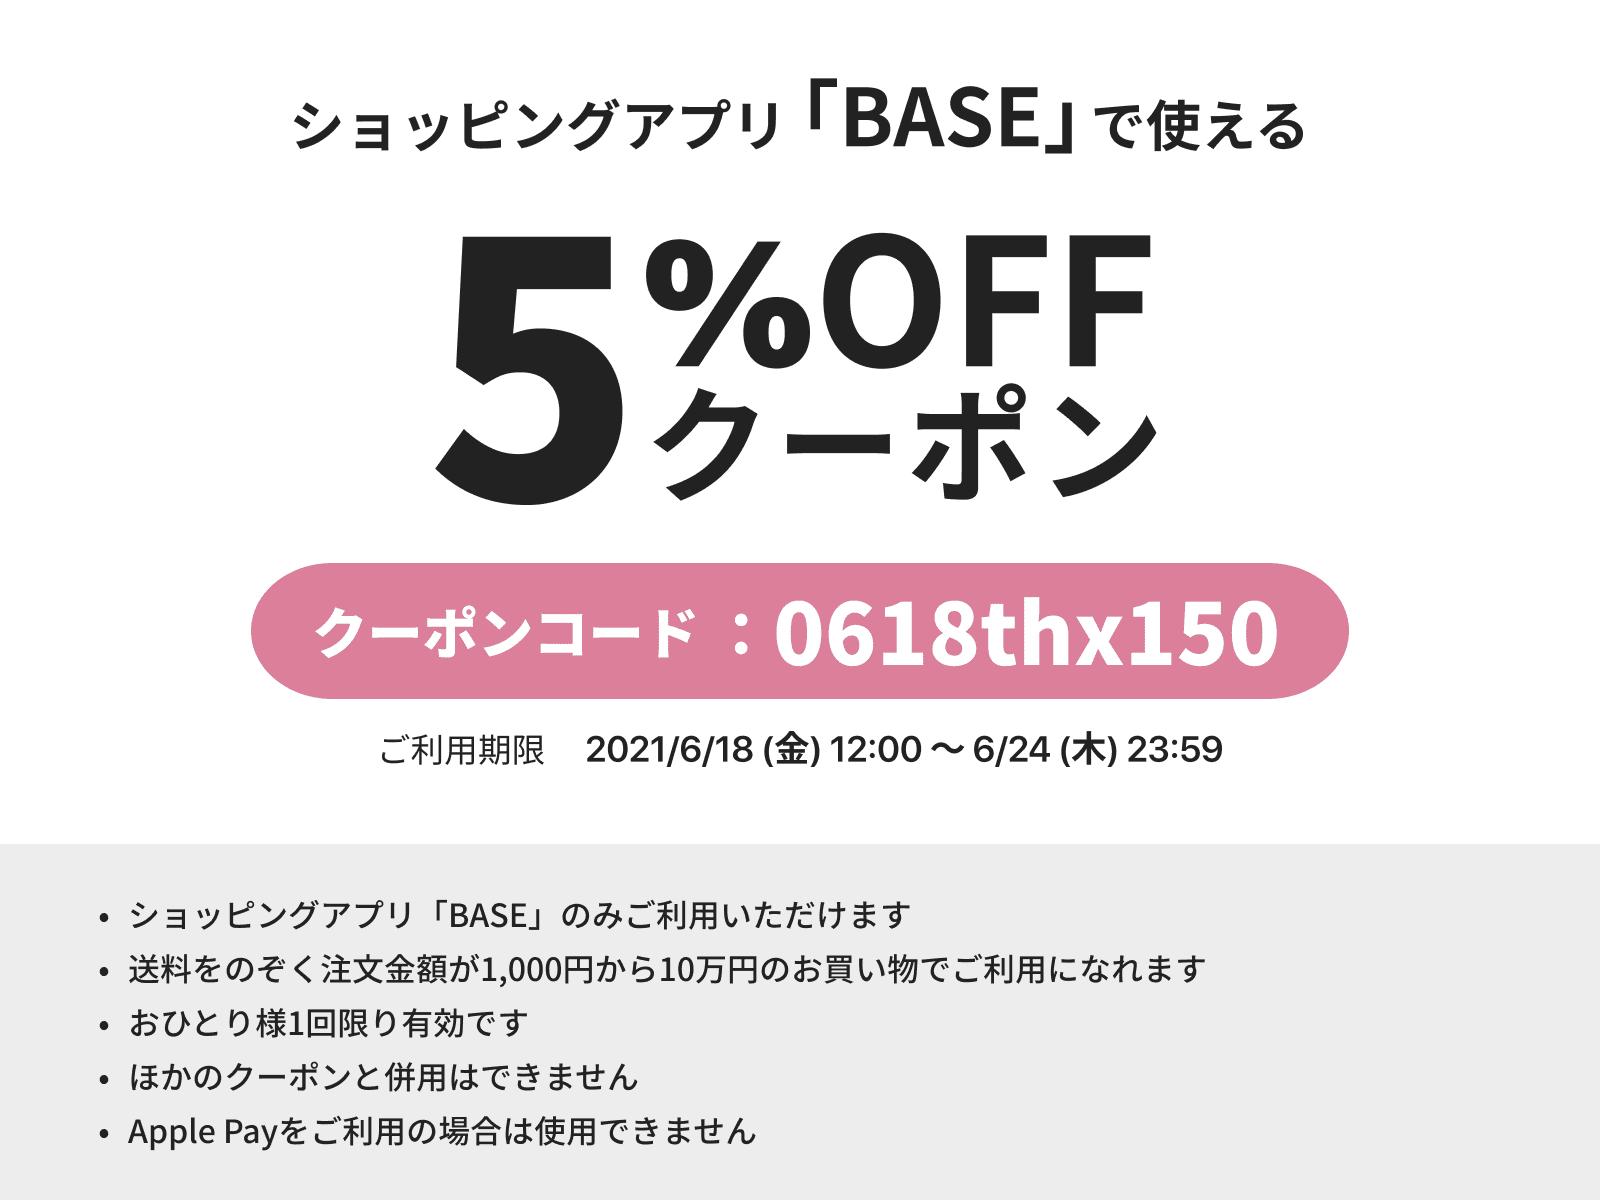 最大5,000円OFF! お買い物で使える5%クーポン!!